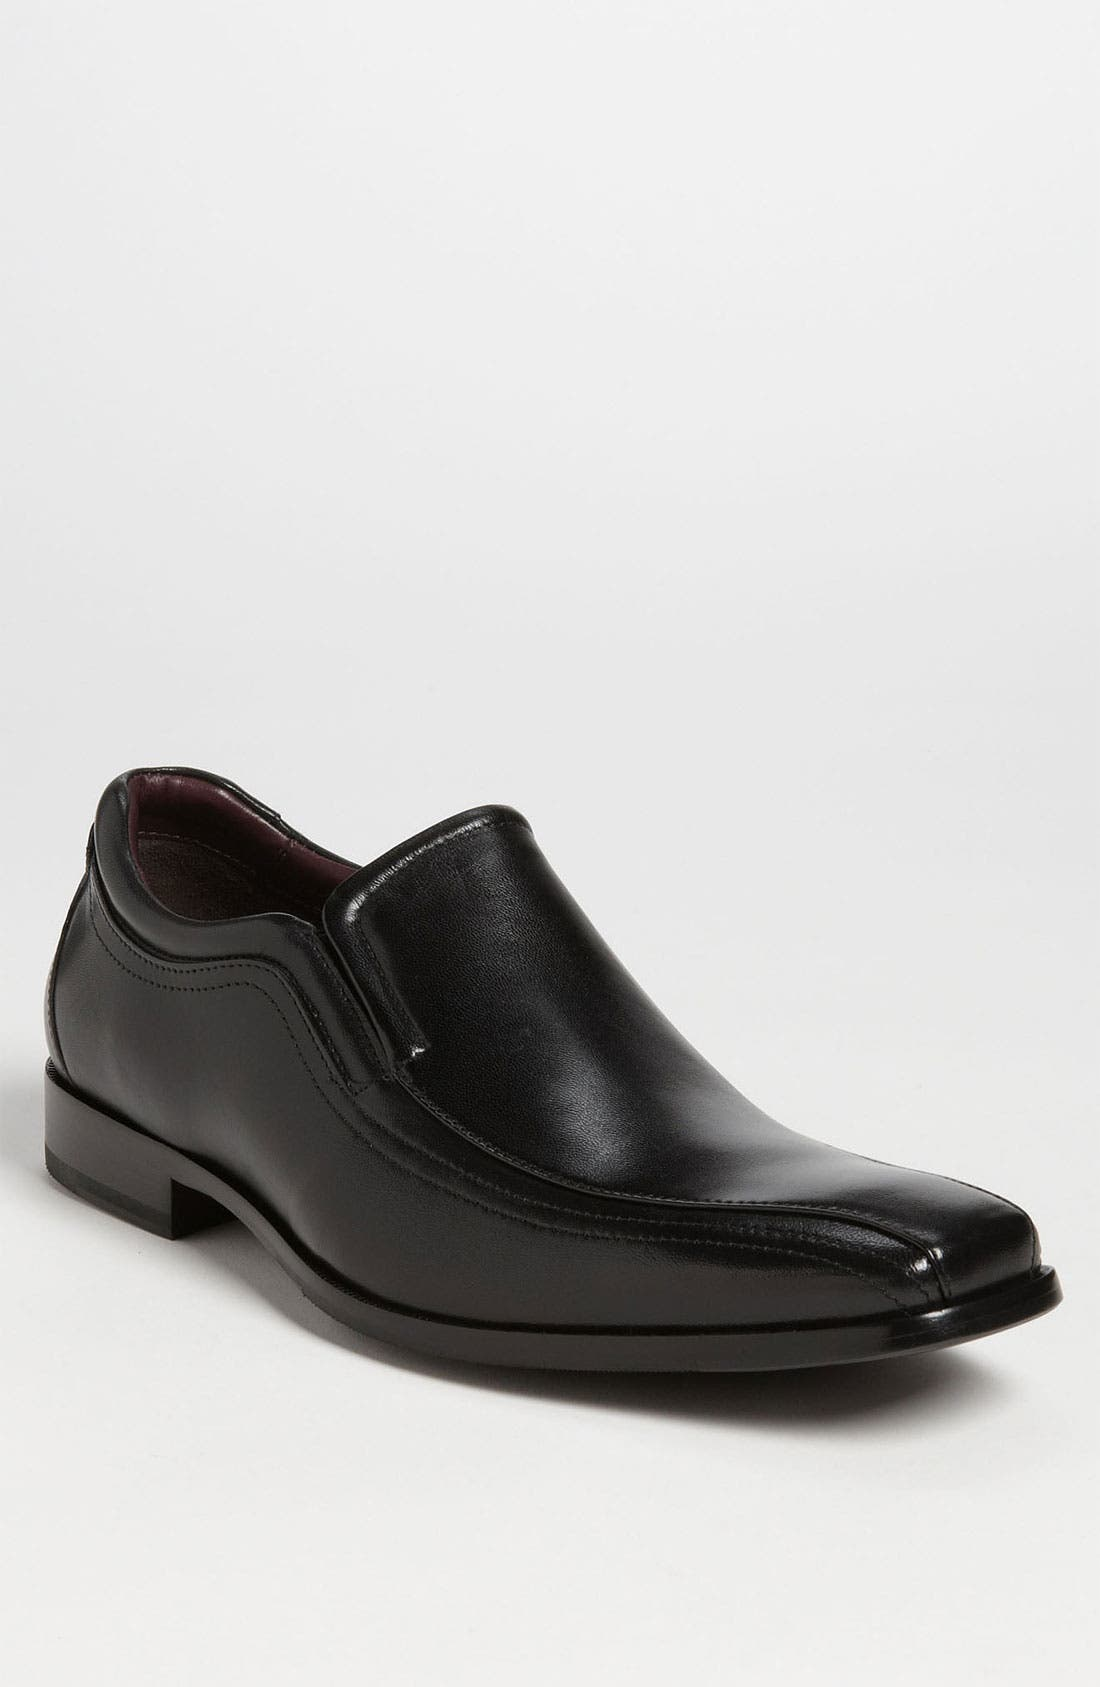 Main Image - Johnston & Murphy 'Shaler' Venetian Loafer (Men)